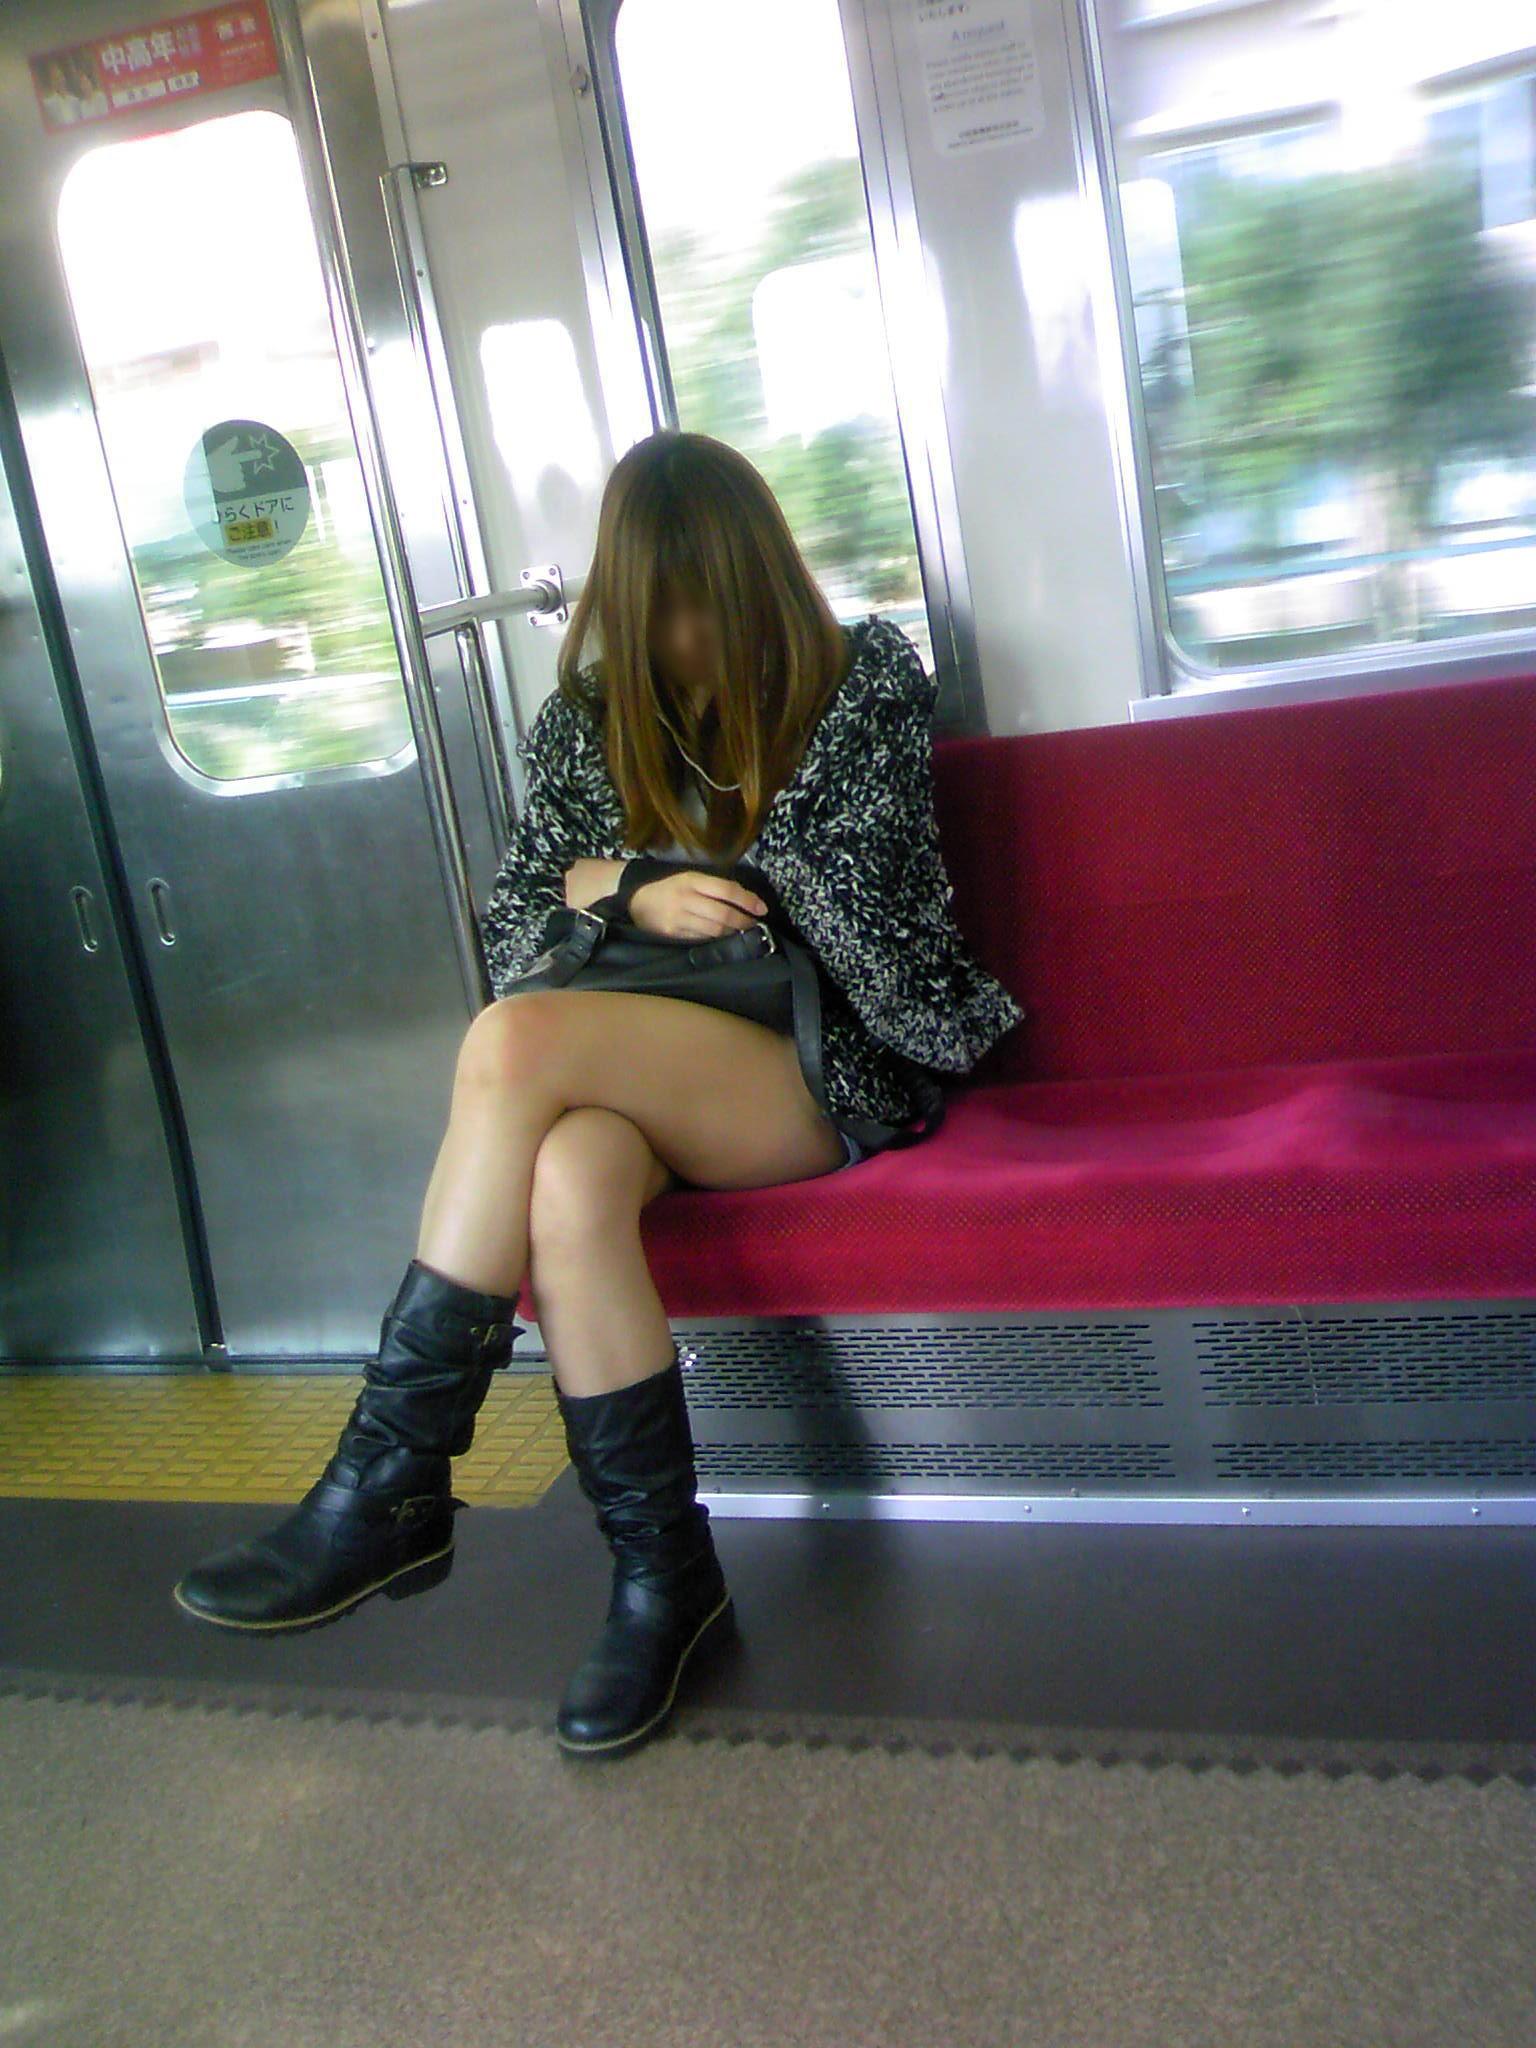 電車内で寝てる女のむっちり太ももエロ画像 718